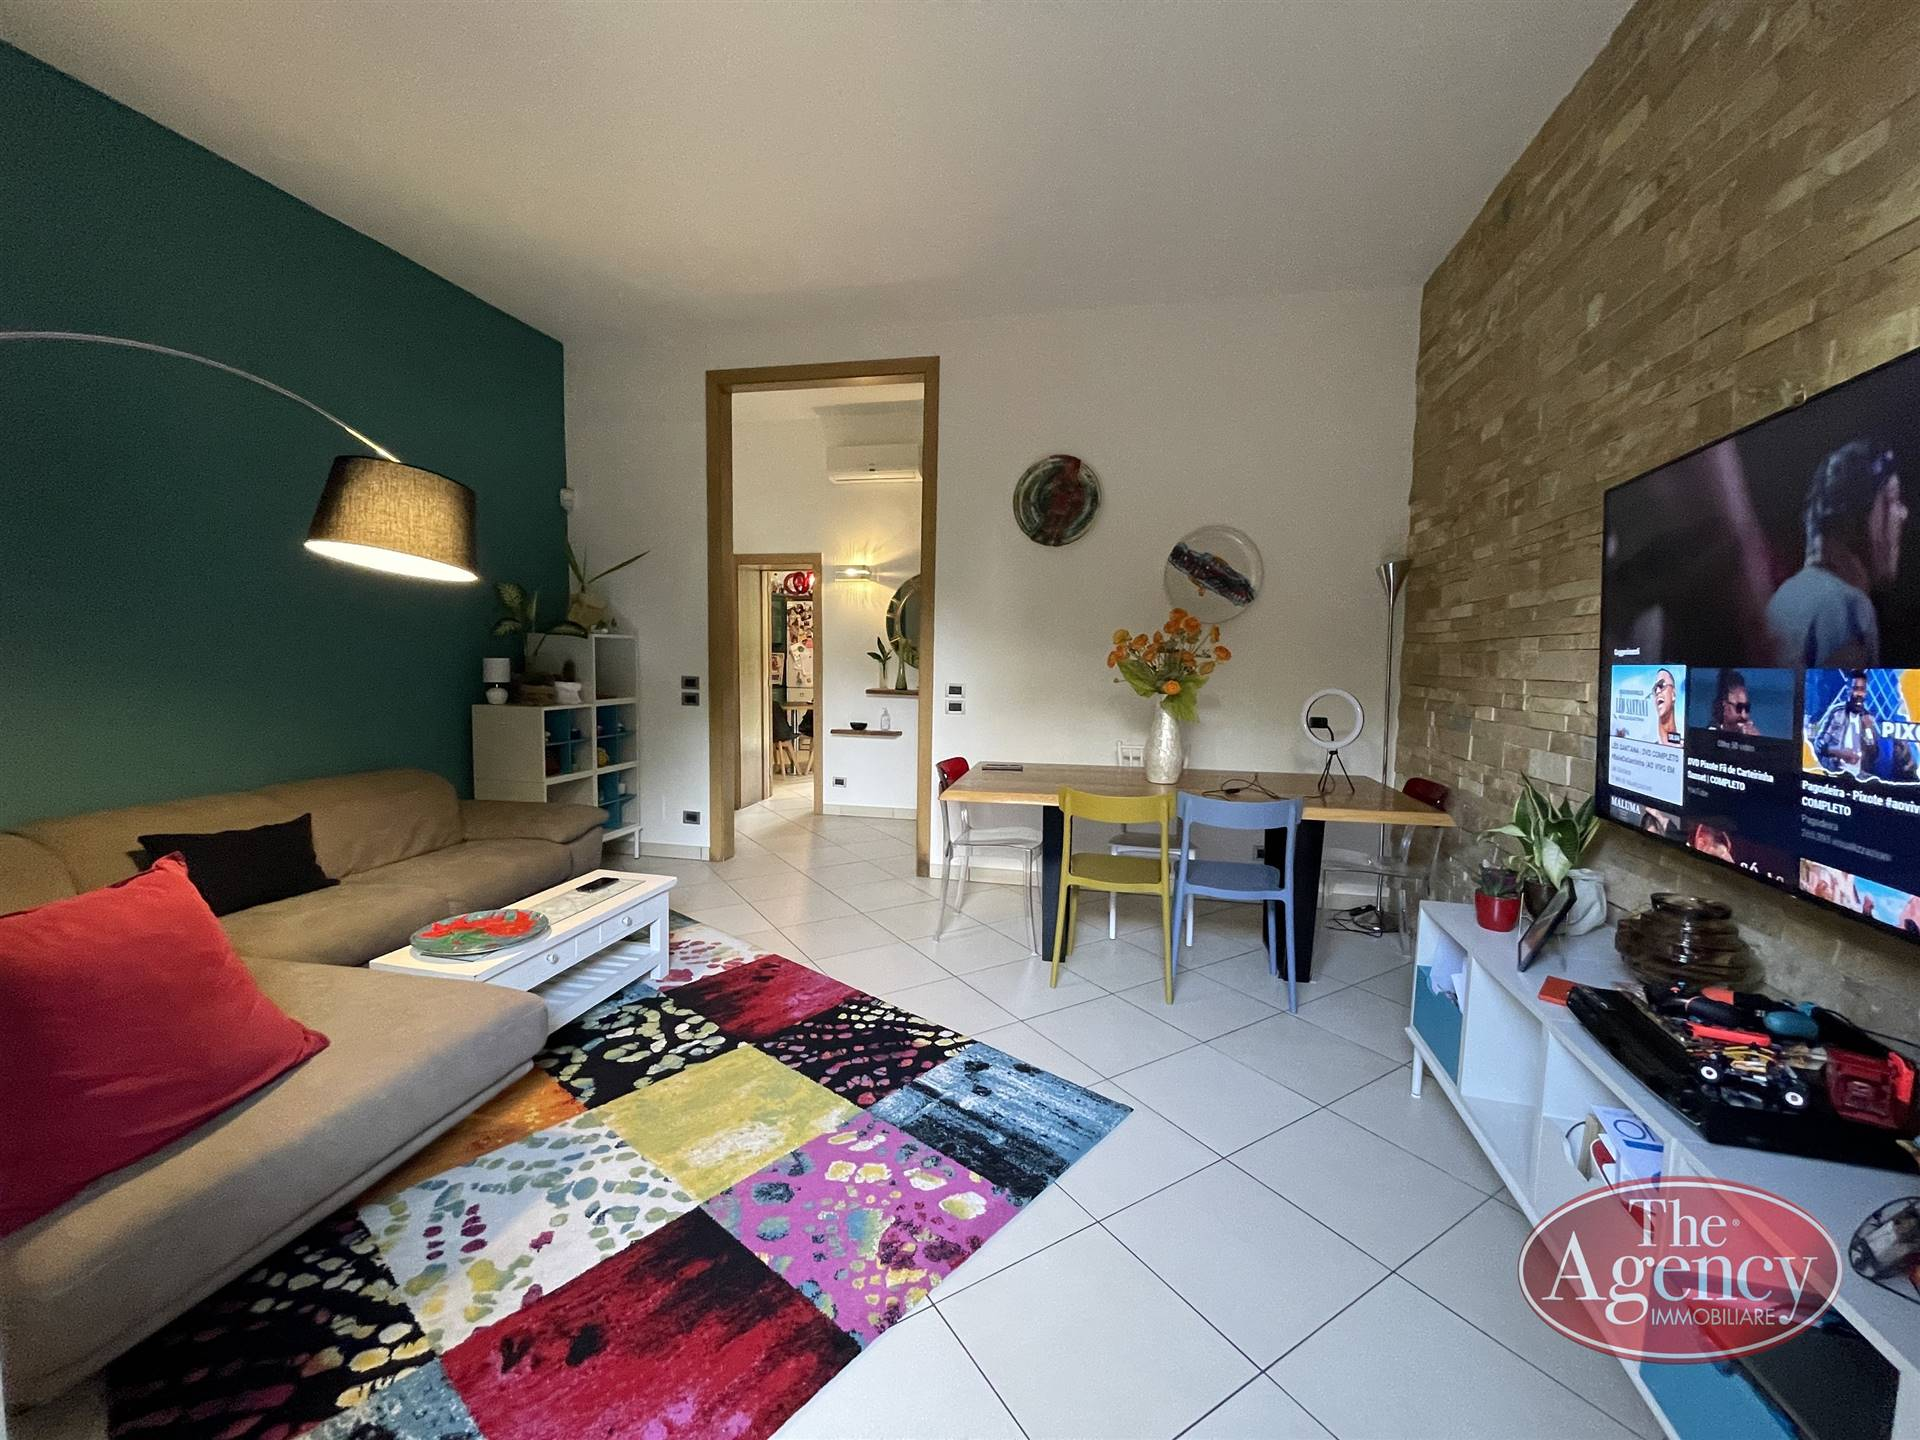 P. ARIOSTO, LECCE, Wohnung zu verkaufen von 82 Qm, Renoviert, Heizung Unabhaengig, Energie-klasse: D, Epi: 127,58 kwh/m2 jahr, am boden Angehoben,